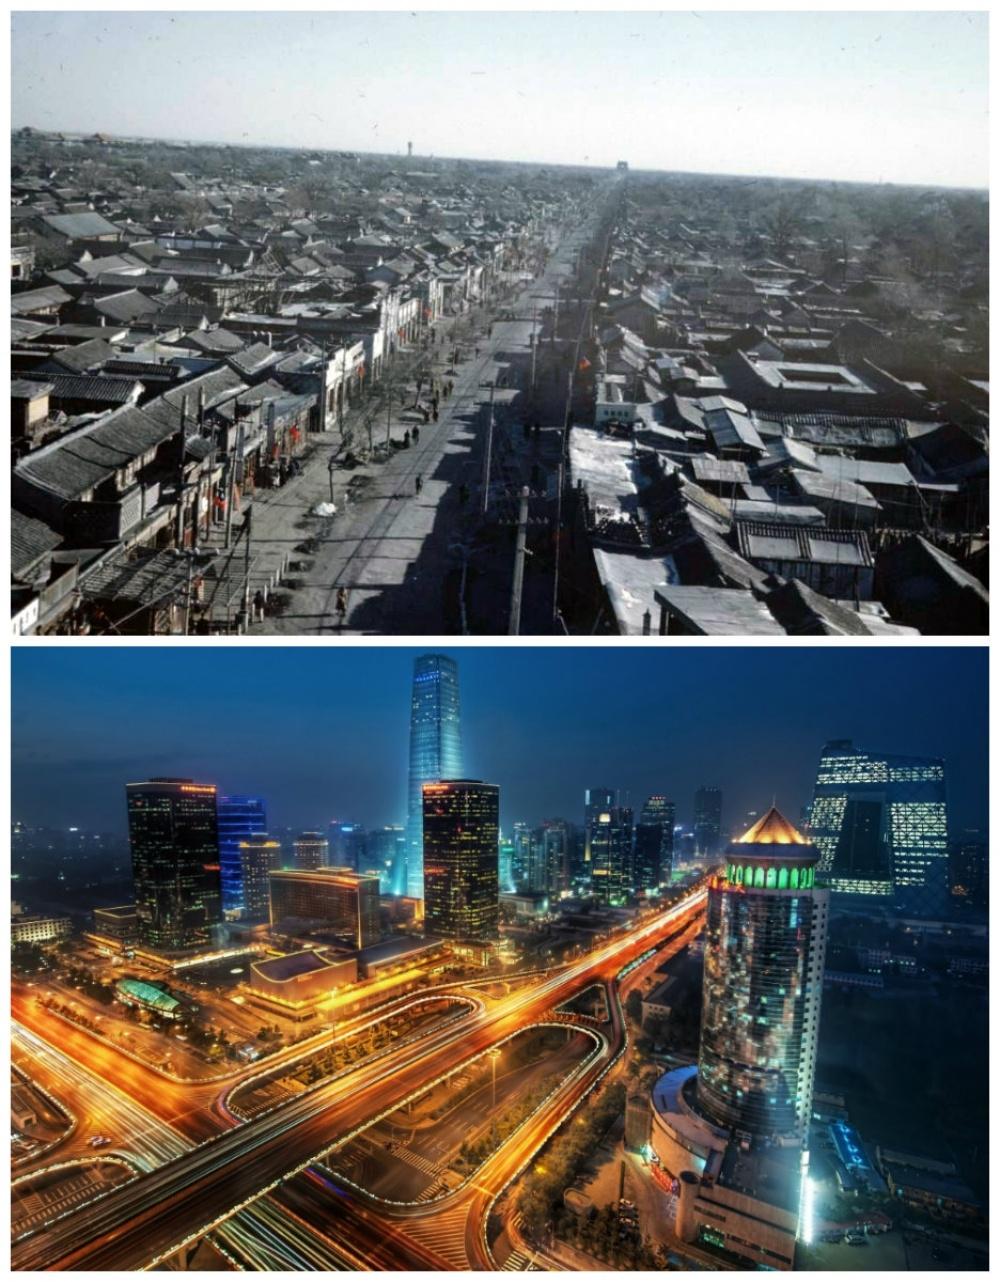 Yıllar İçinde Tanınmayacak Biçimde Değişen 10 Şehir galerisi resim 7